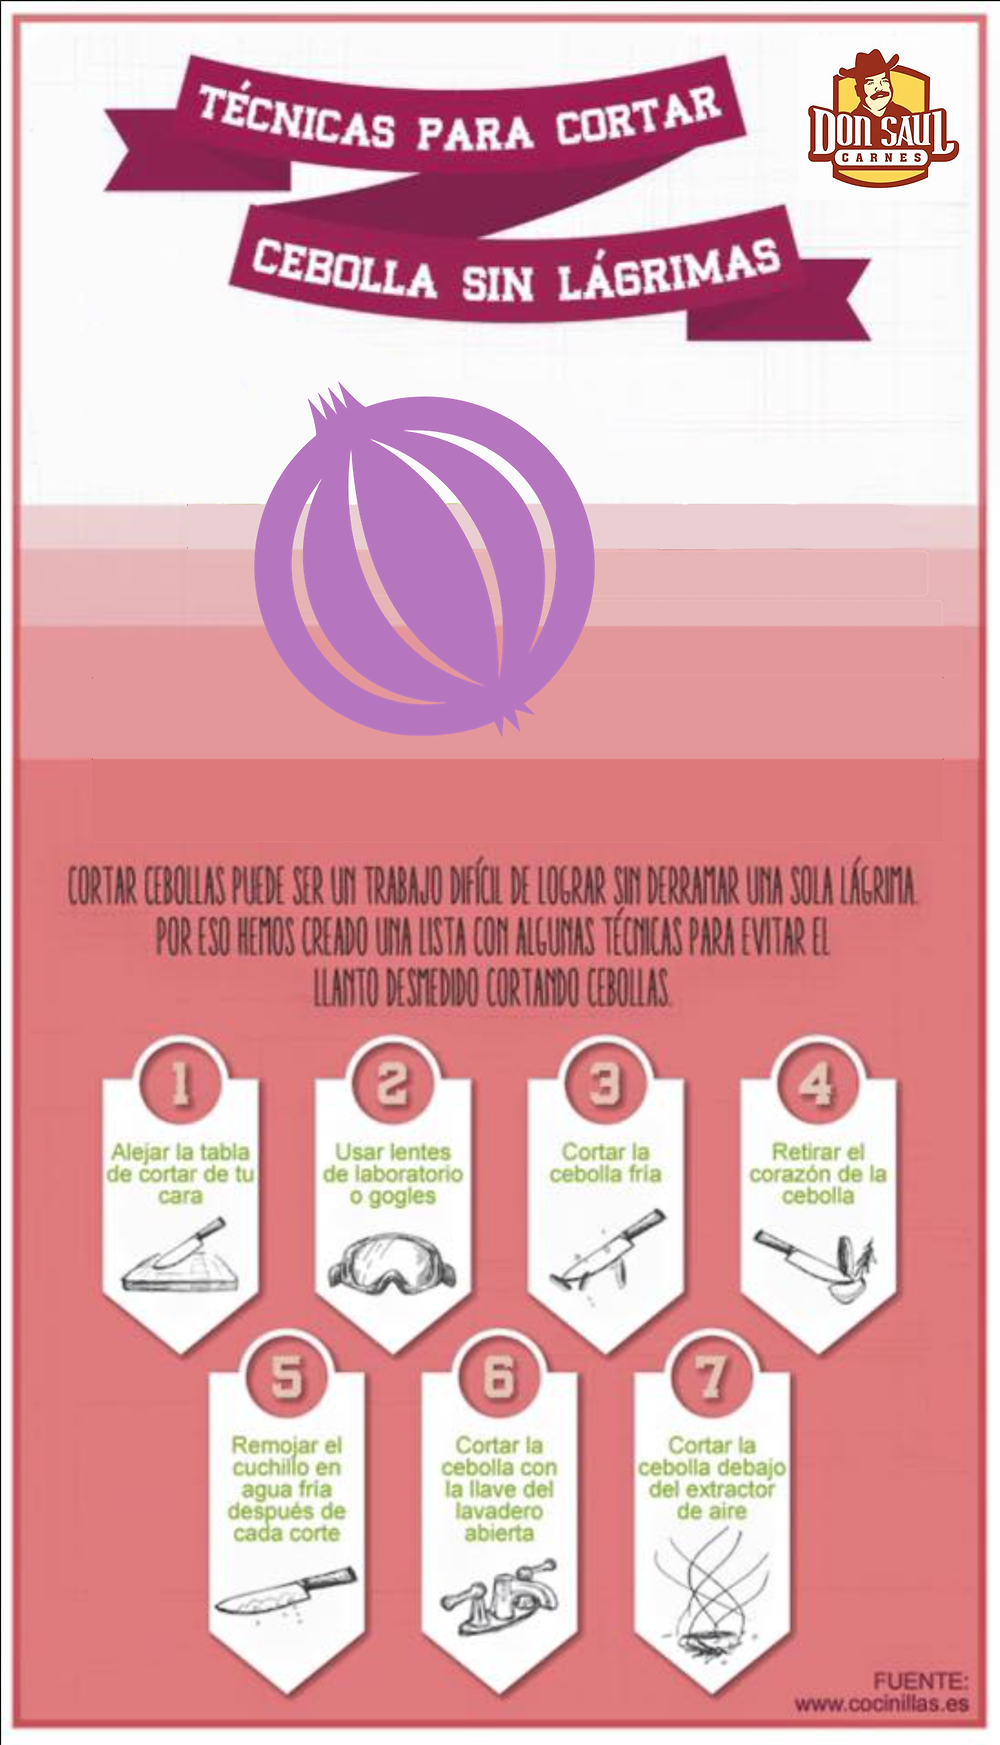 Infográfico - Técnicas para cortar cebolla